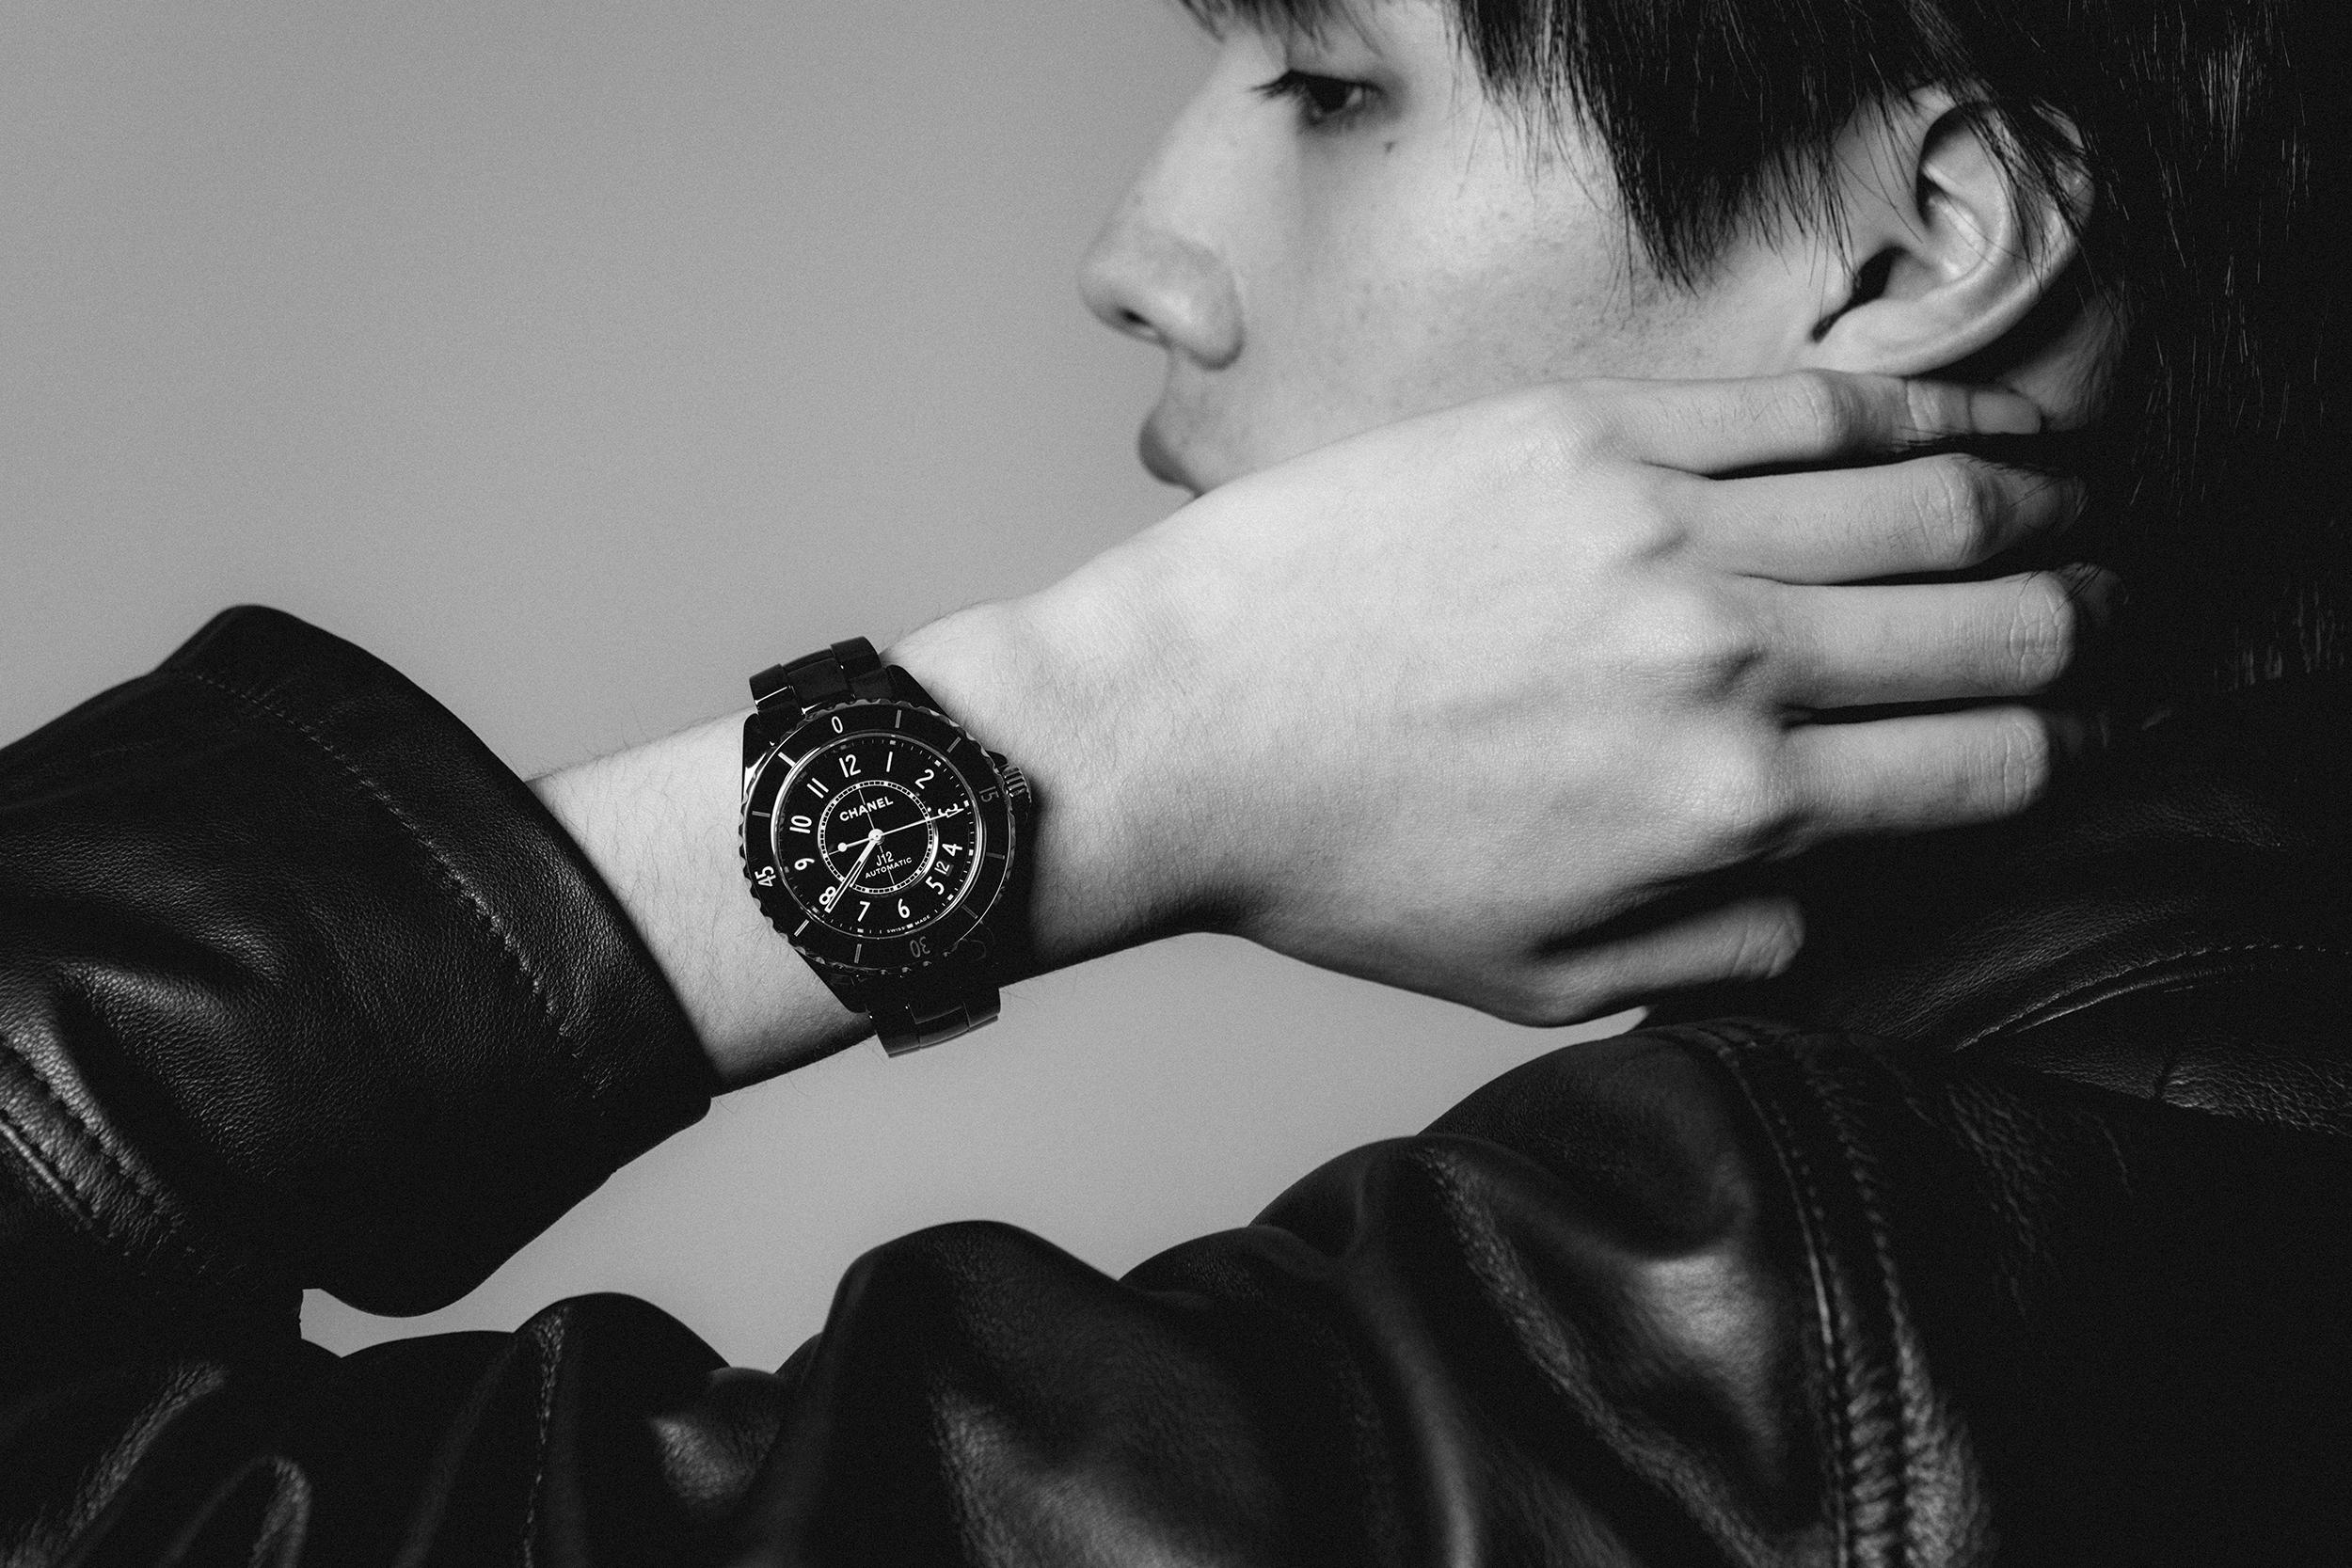 時計 (J12) ¥632,500 *6月5日発売、CHANEL (シャネル)、ジャケット ¥78,000、Brooks Brothers (ブルックスブラザーズ)/プロップス ストア 03-3796-0960